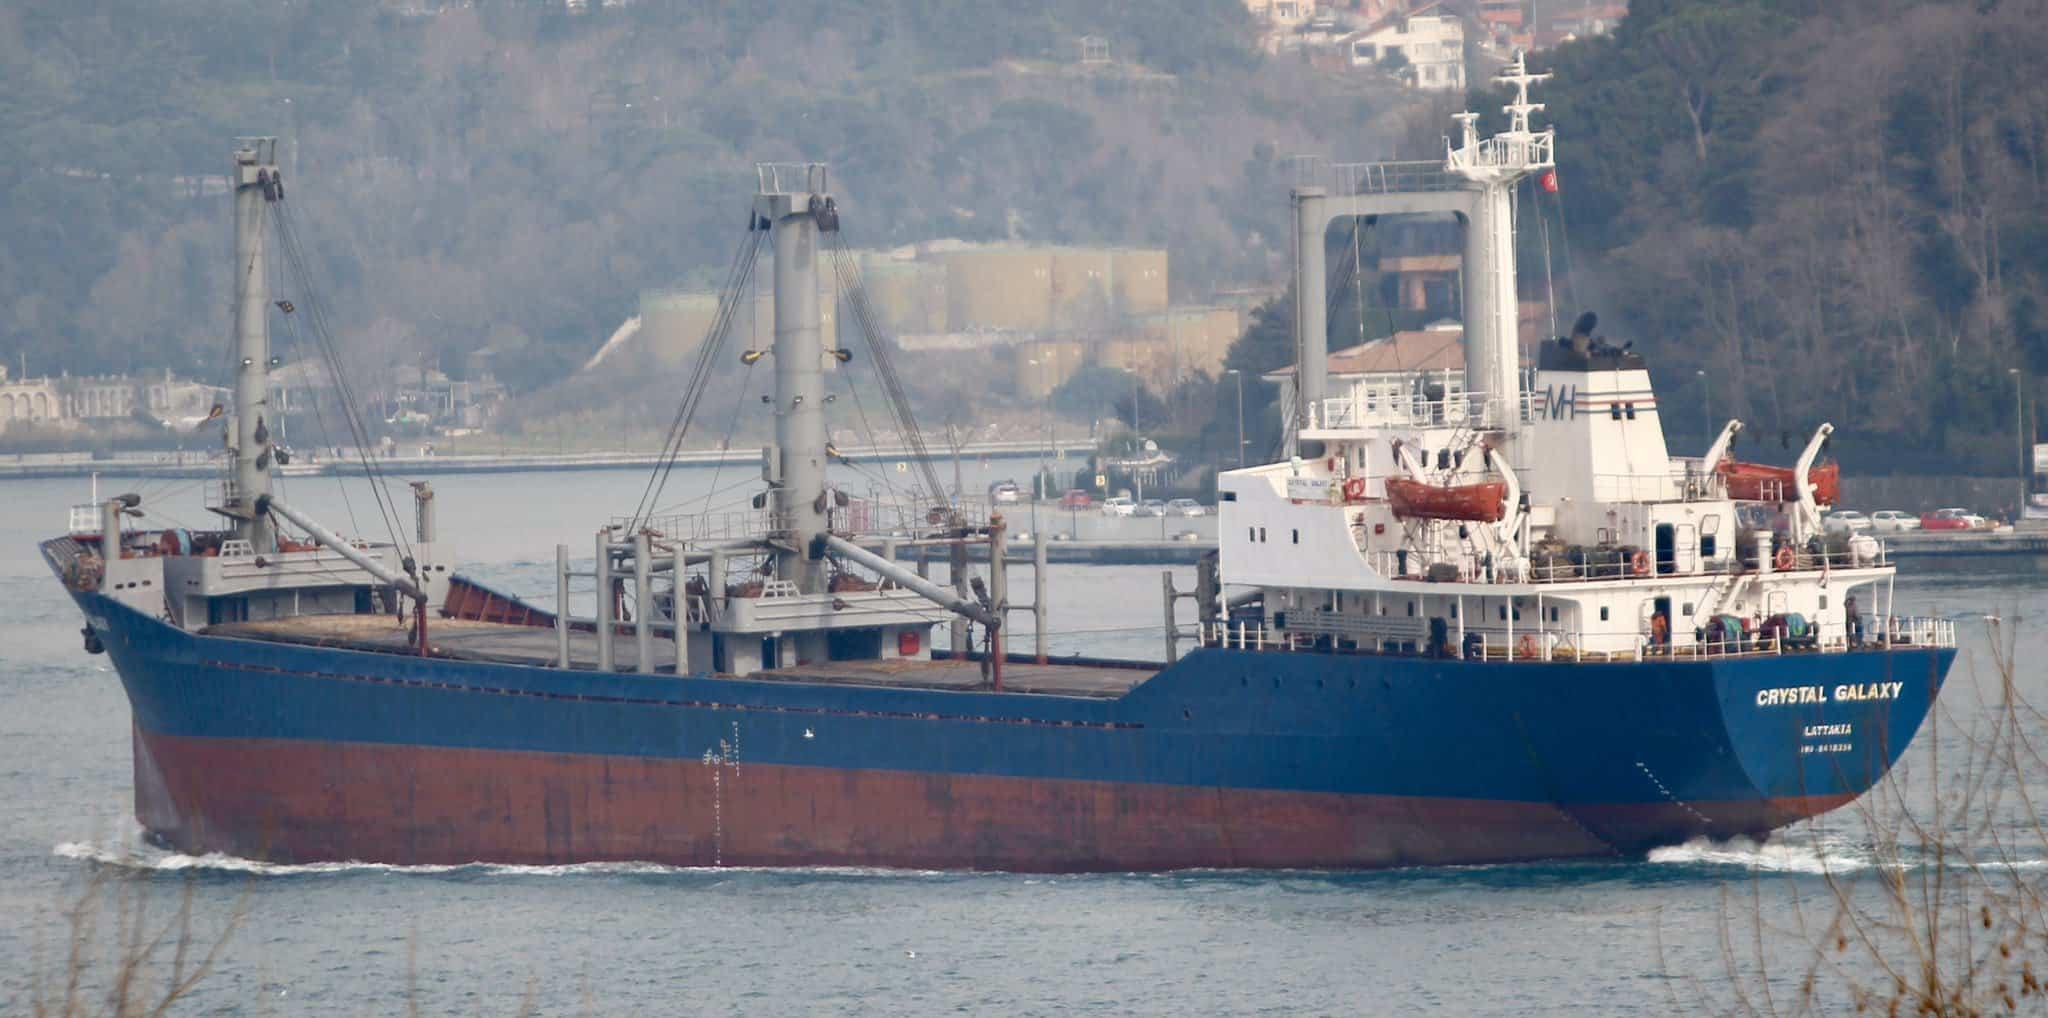 Судно під прапором Сирії зайшло в закритий порт Севастополя